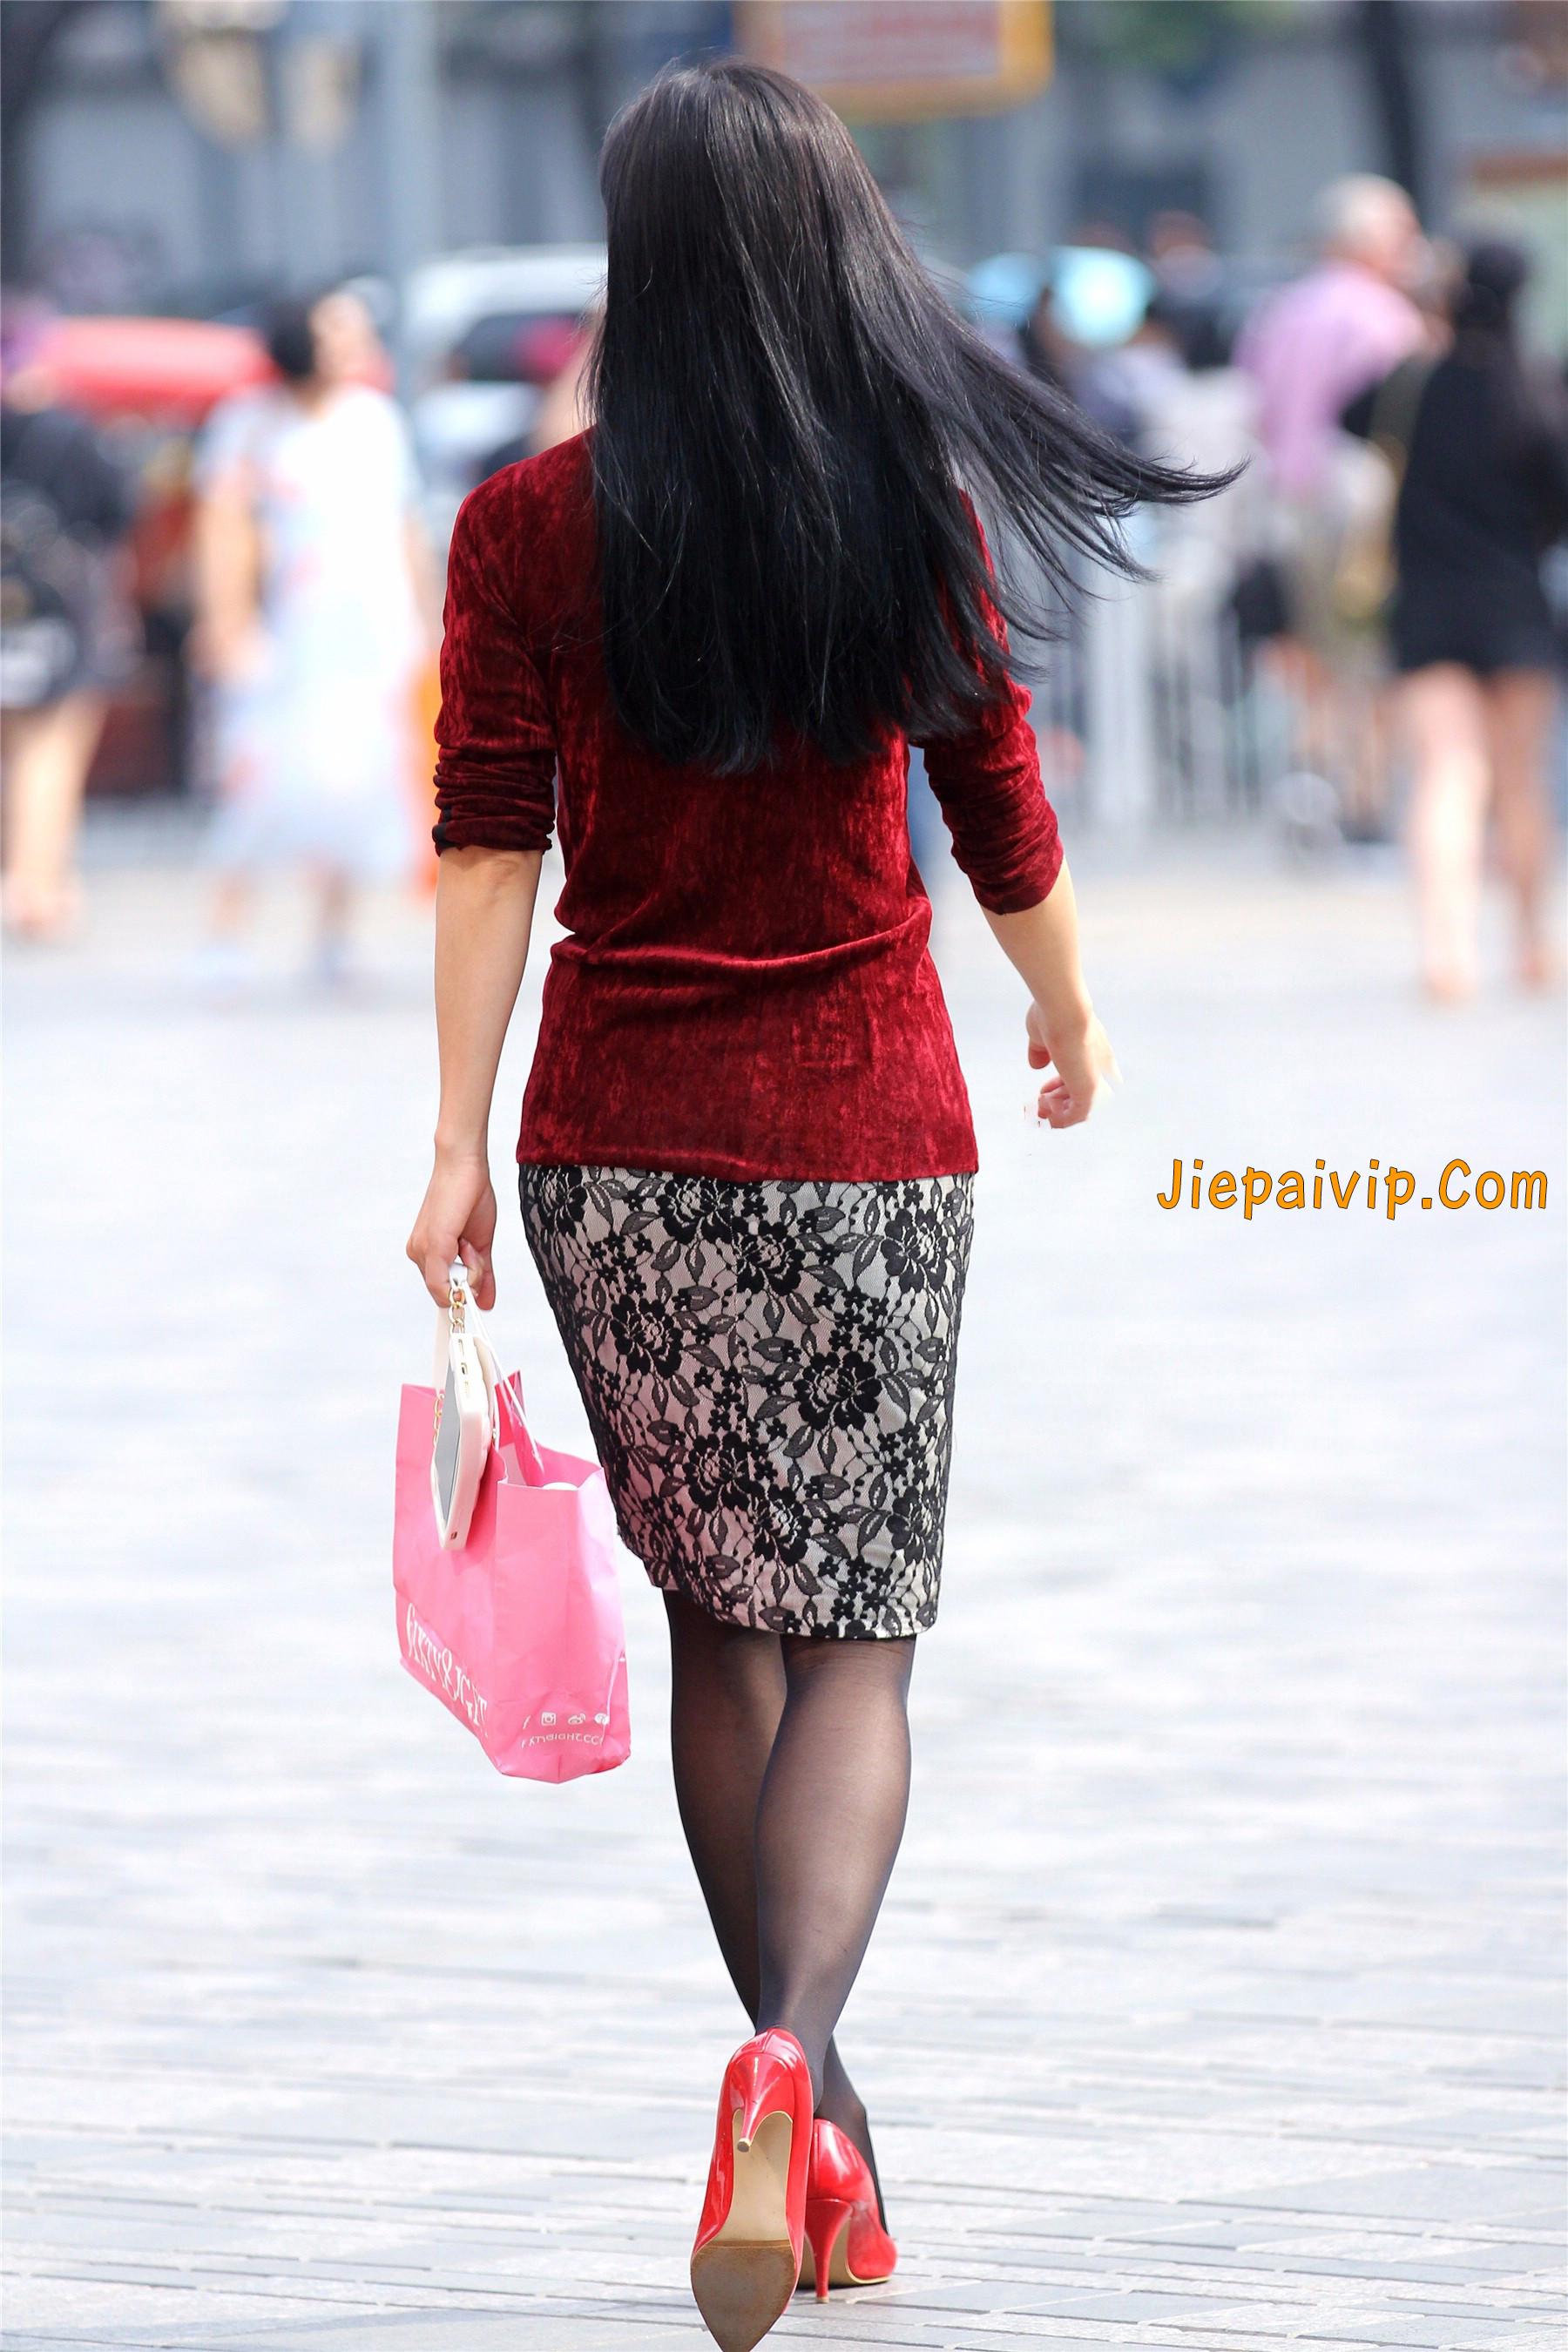 黑色丝袜红色高跟少妇1